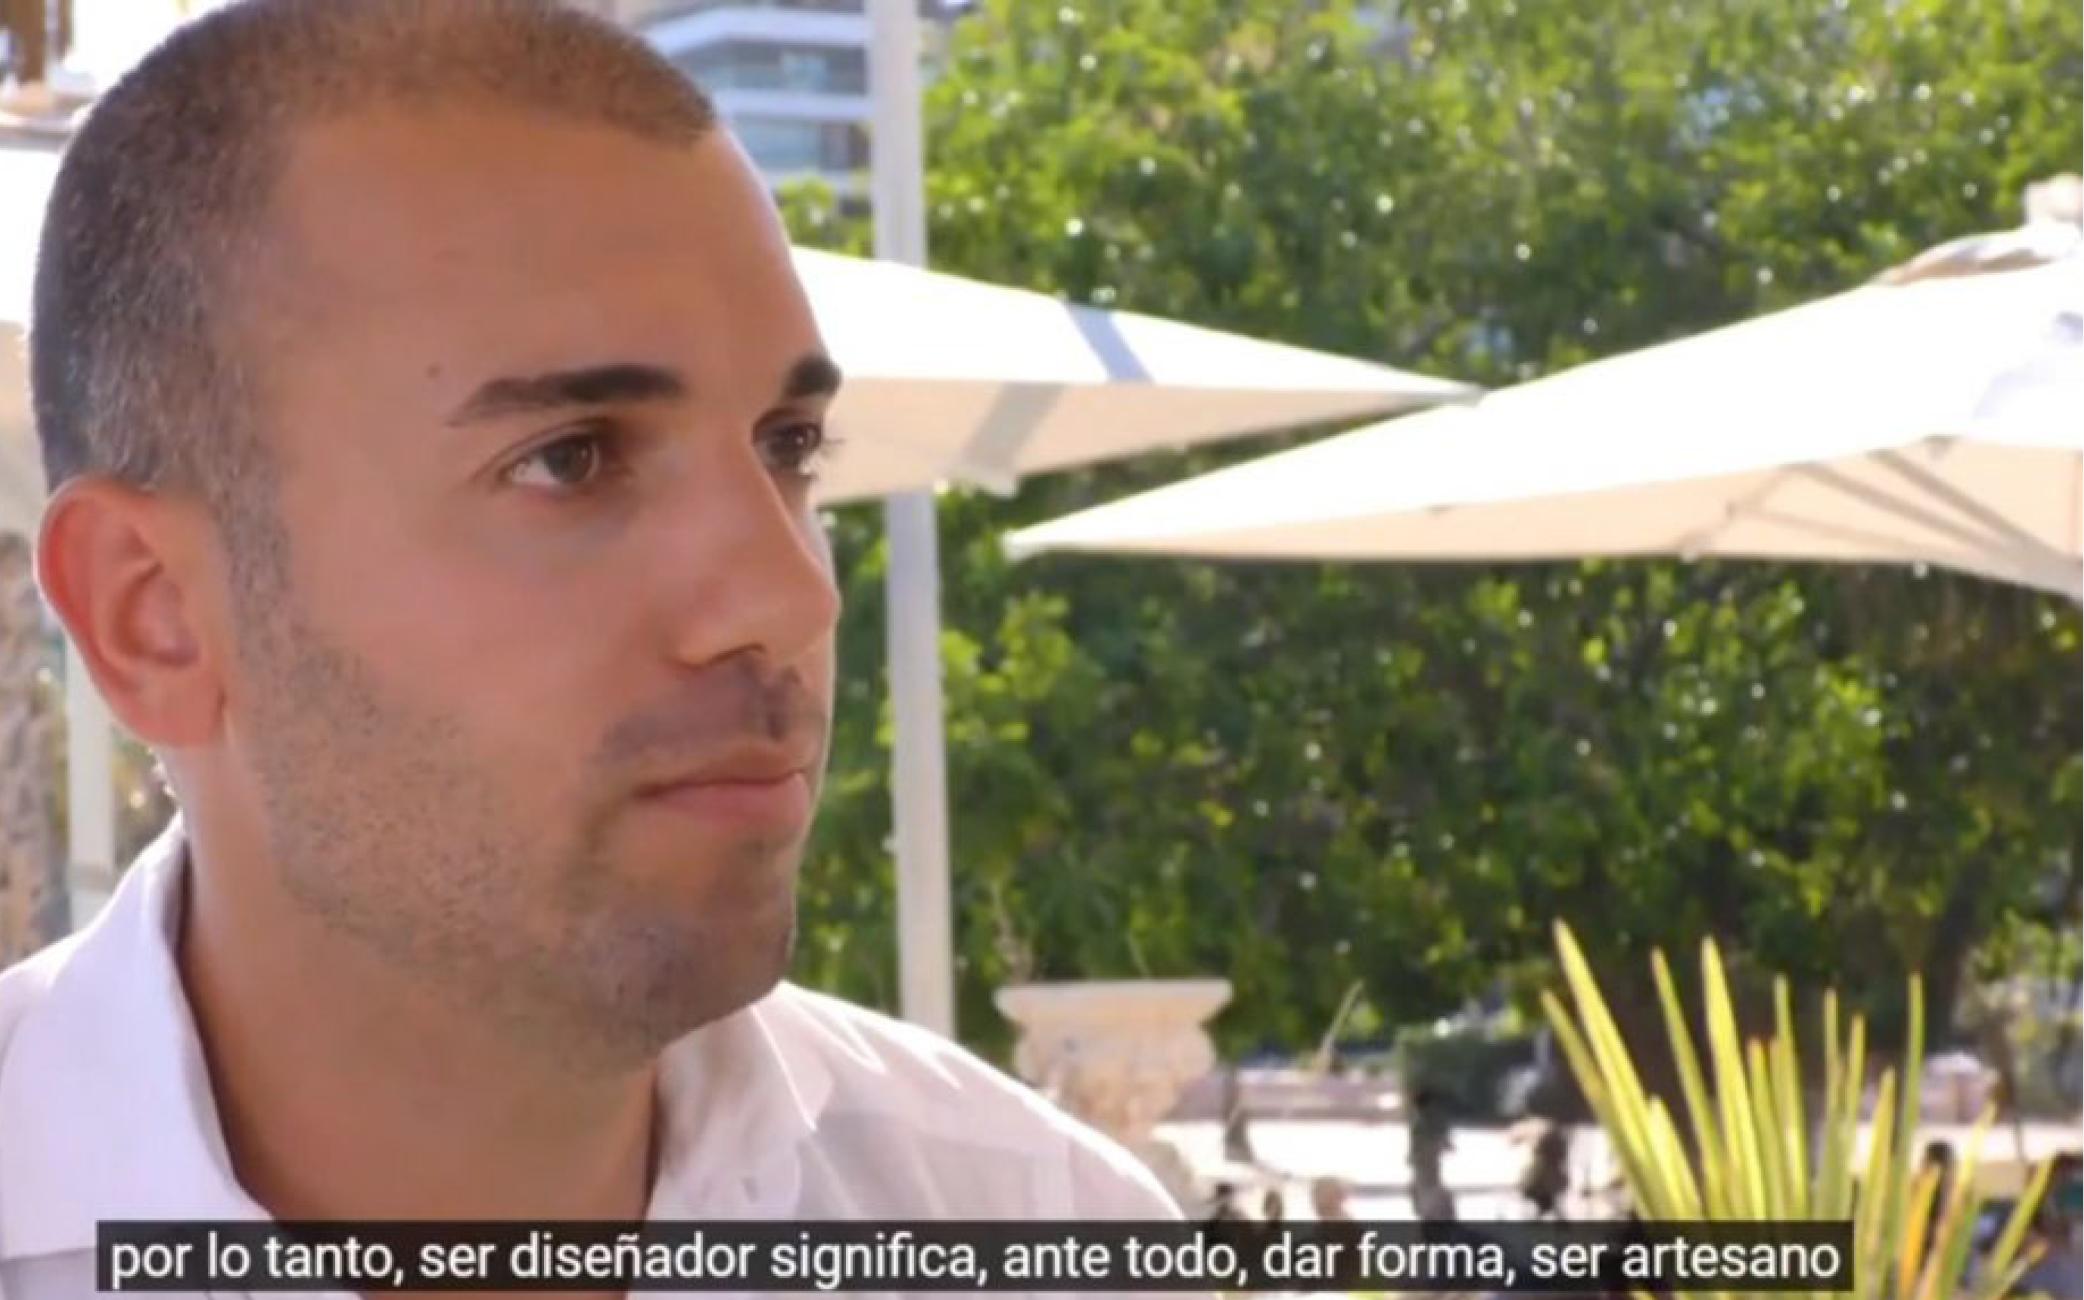 Entrevista a Sergio Nisticò, diseñador de interiores en Alicante